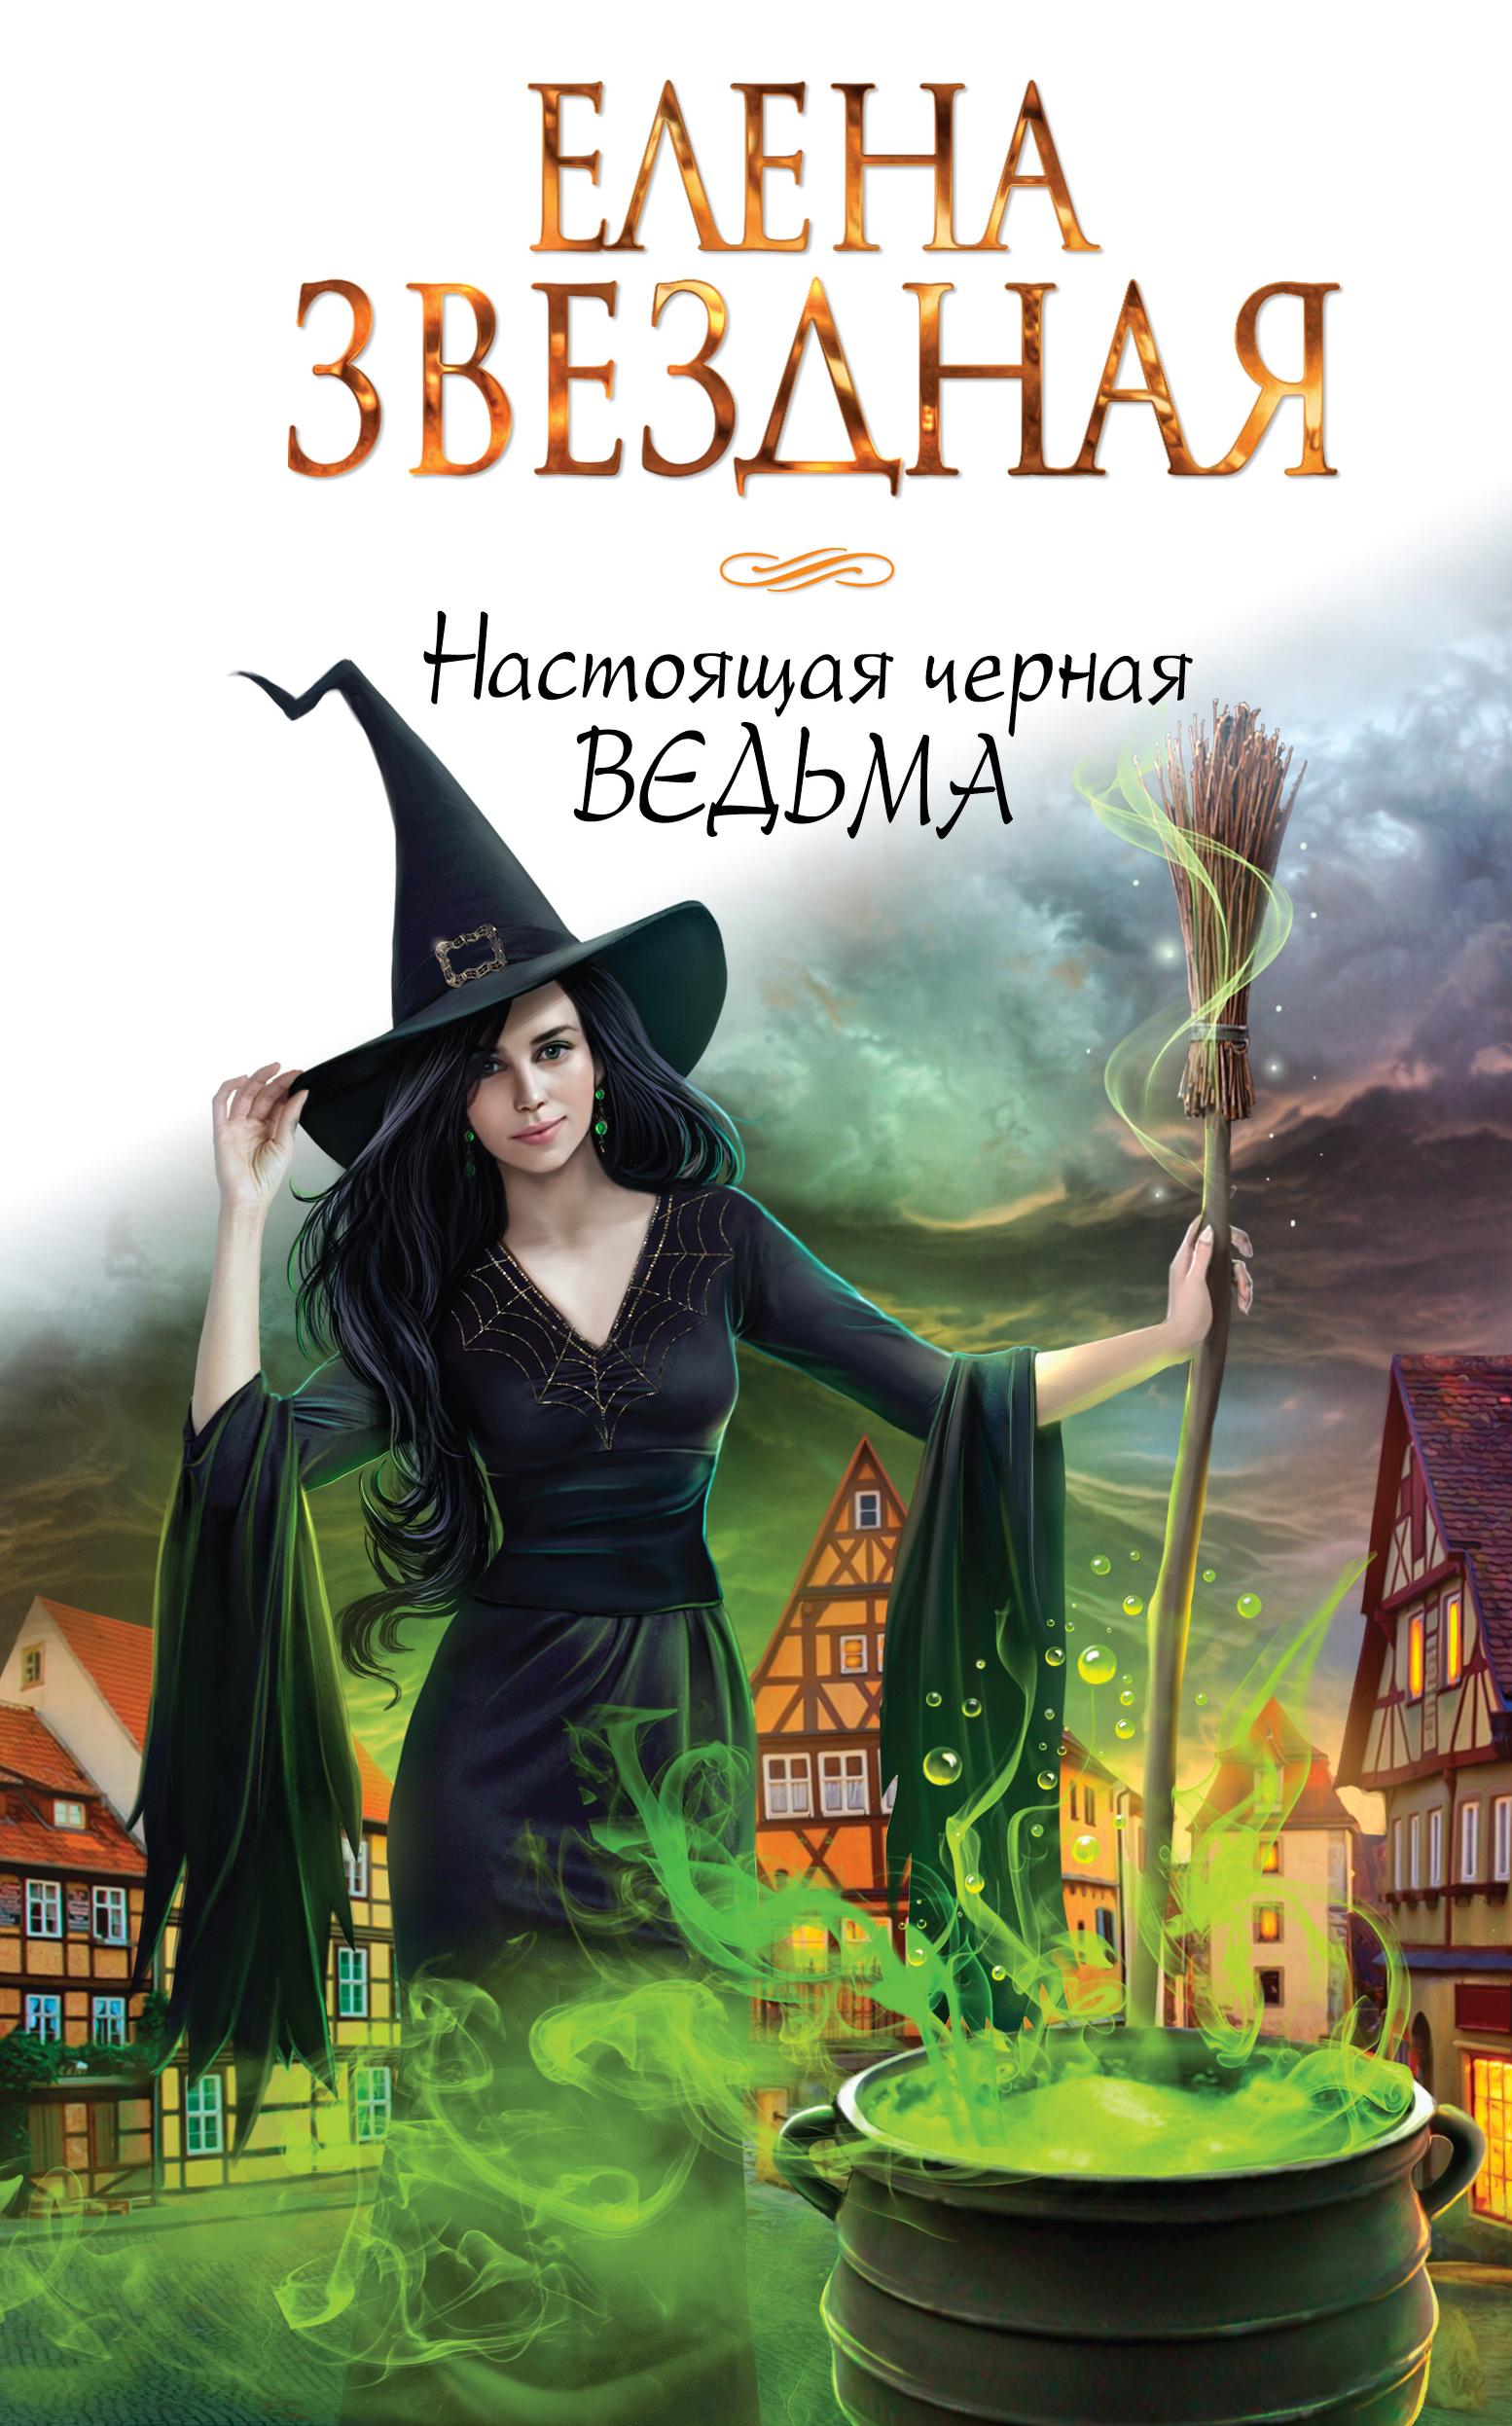 Купить Настоящая черная ведьма, Елена Звездная, 978-5-699-88329-5